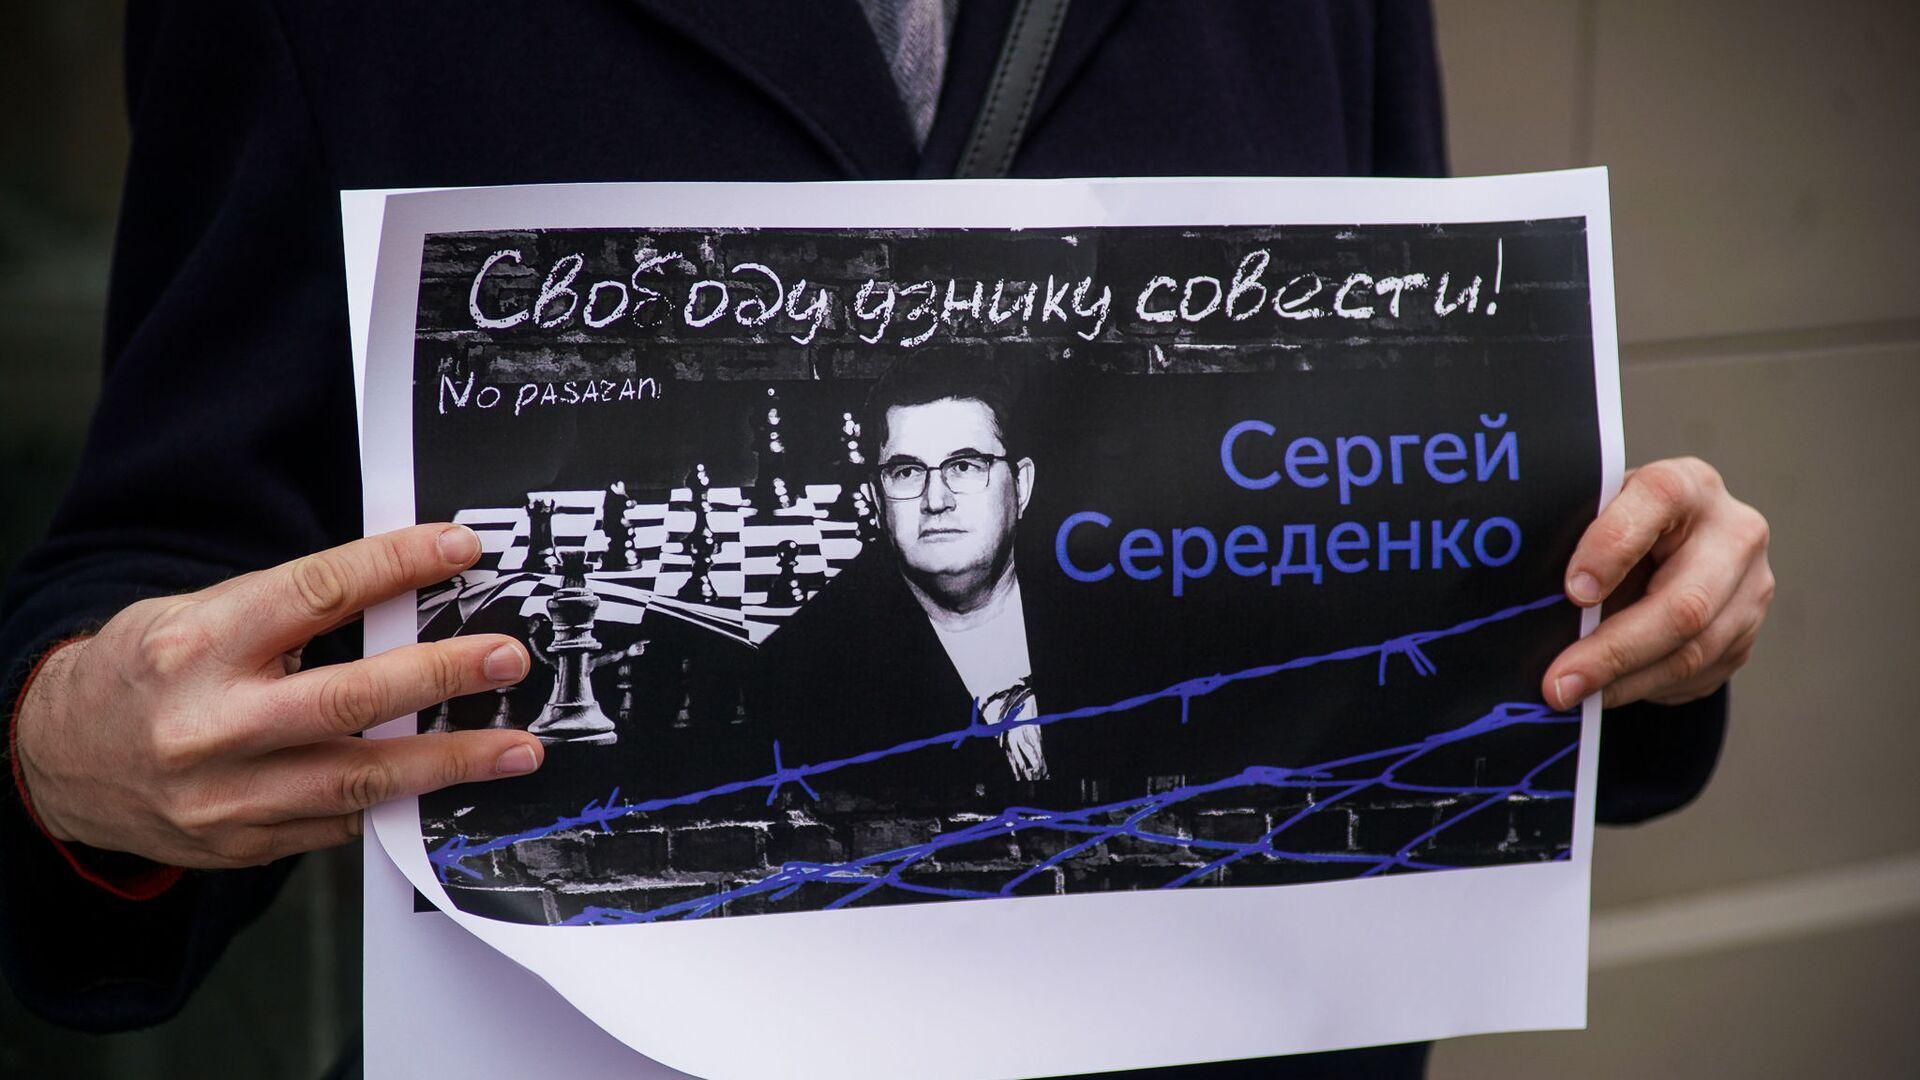 Плакат Свободу узнику совести Сергею Середенко  - Sputnik Латвия, 1920, 02.09.2021